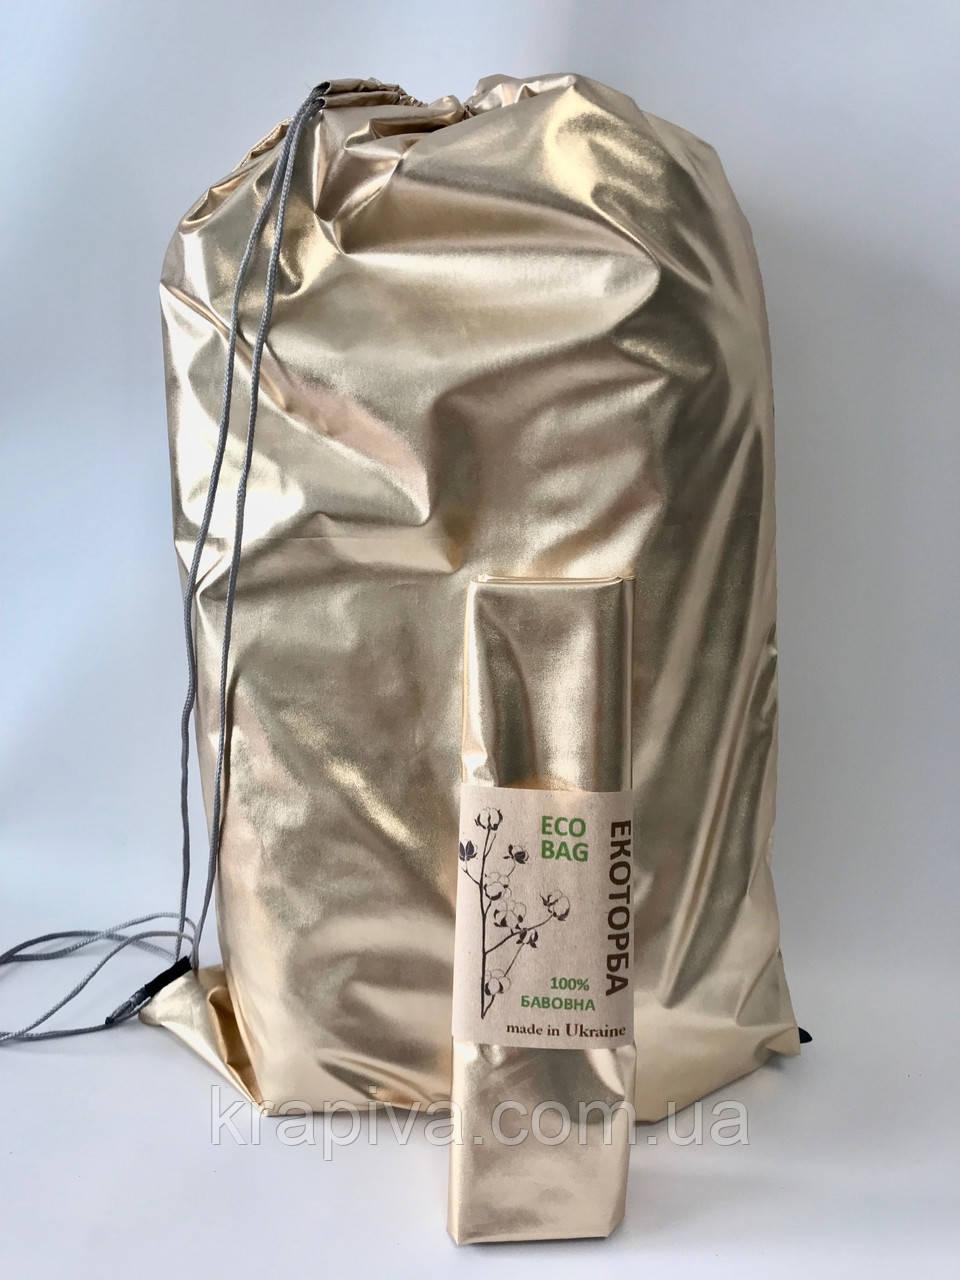 Экомешок, еко торбинка, екоторбинка, эко-сумка, экосумка для покупок, торба шопер, рюкзак, сумка для обуви